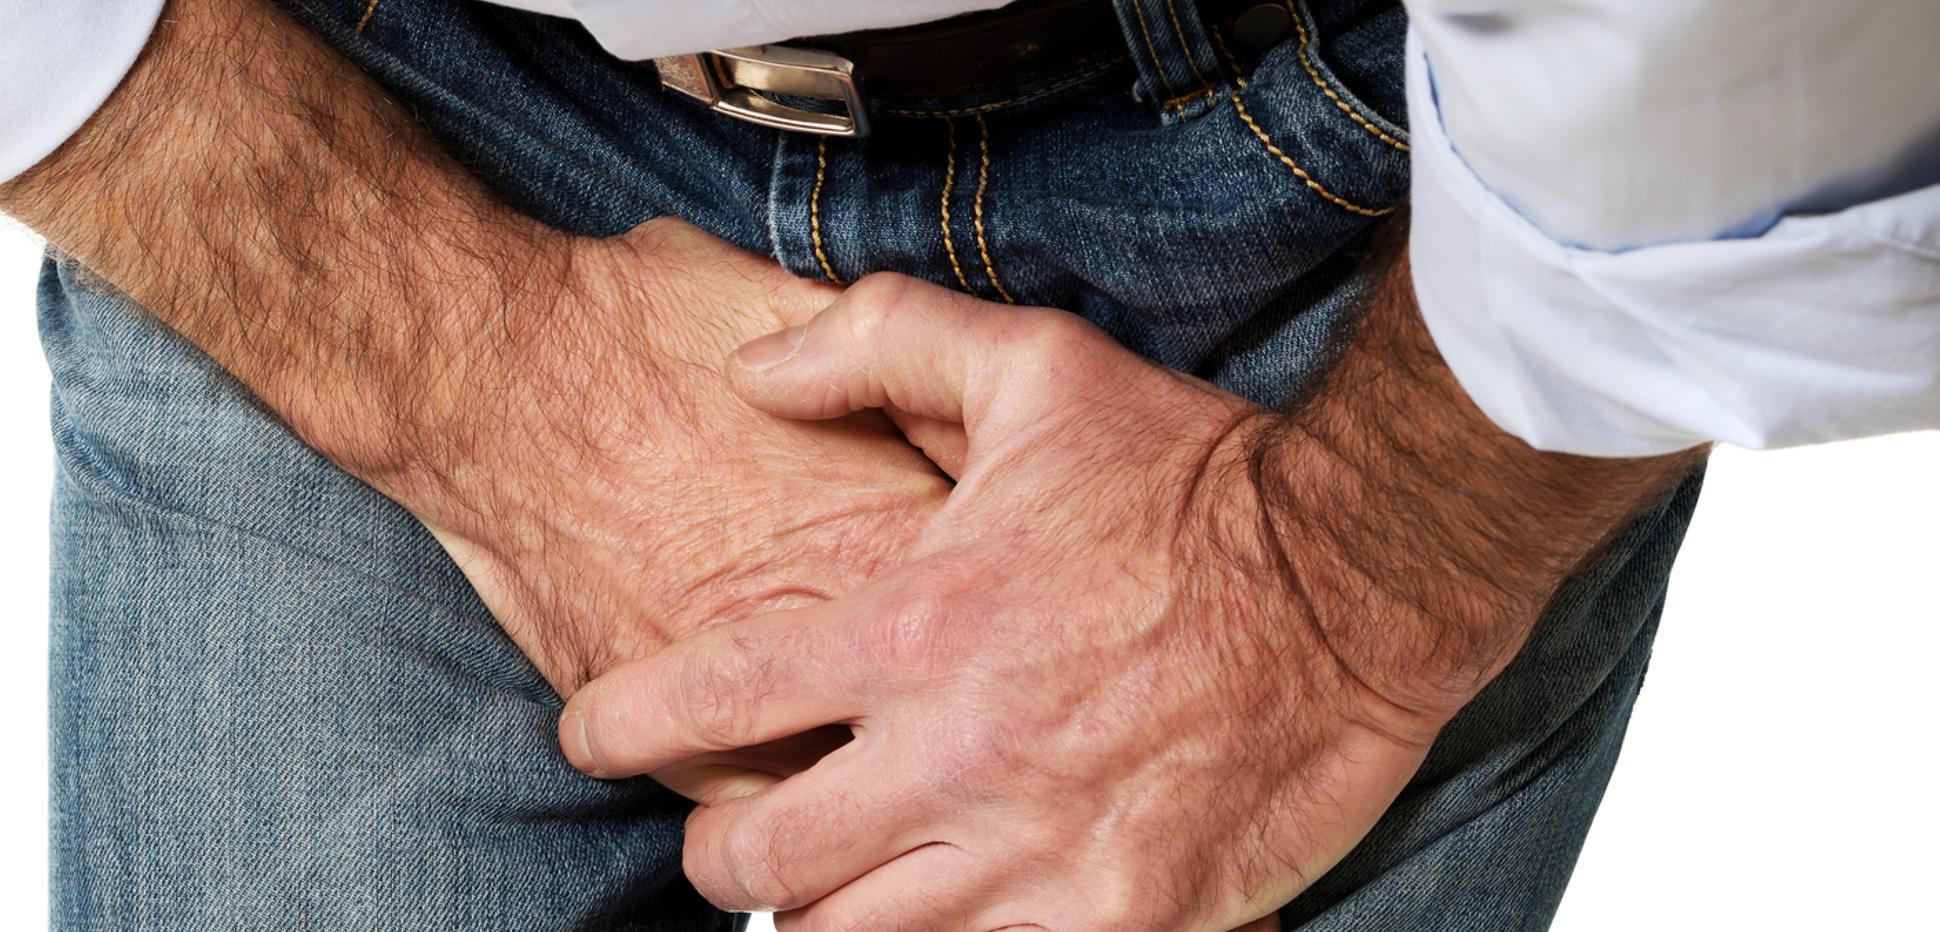 Простатит зуд первые признаки простатита у мужчин видео